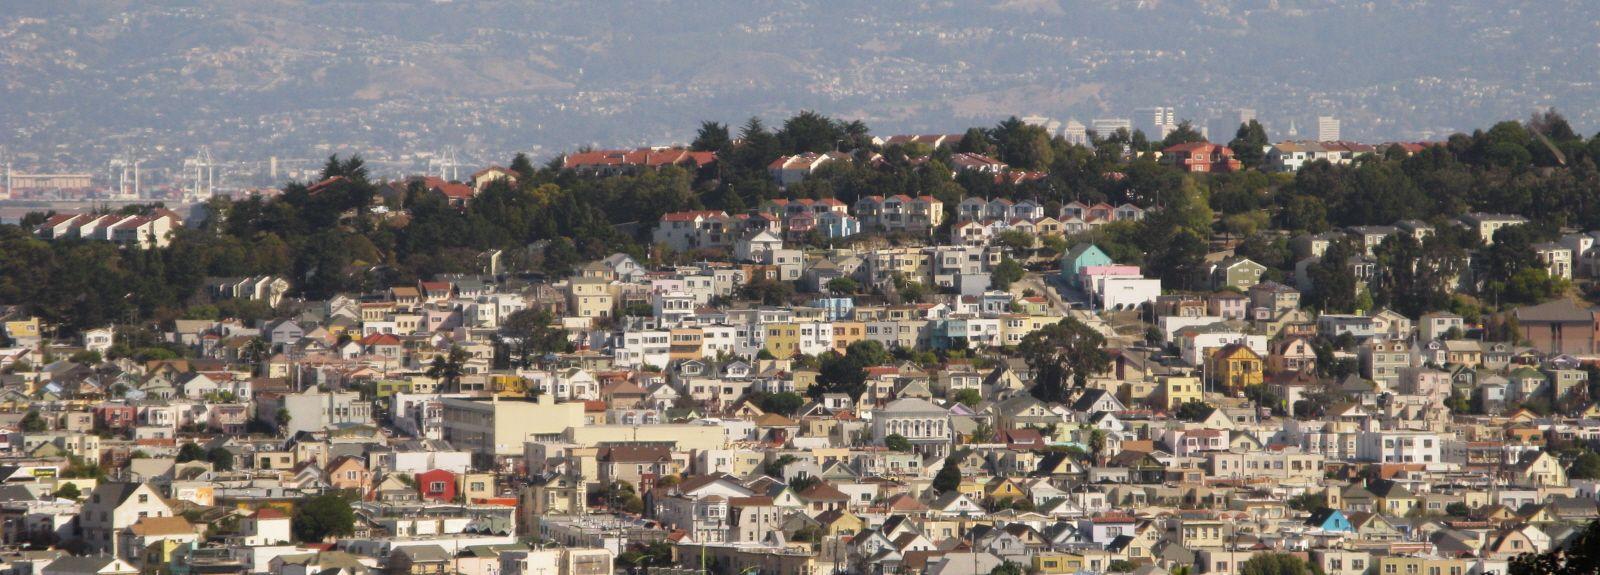 San Mateo, Californie, États-Unis d'Amérique